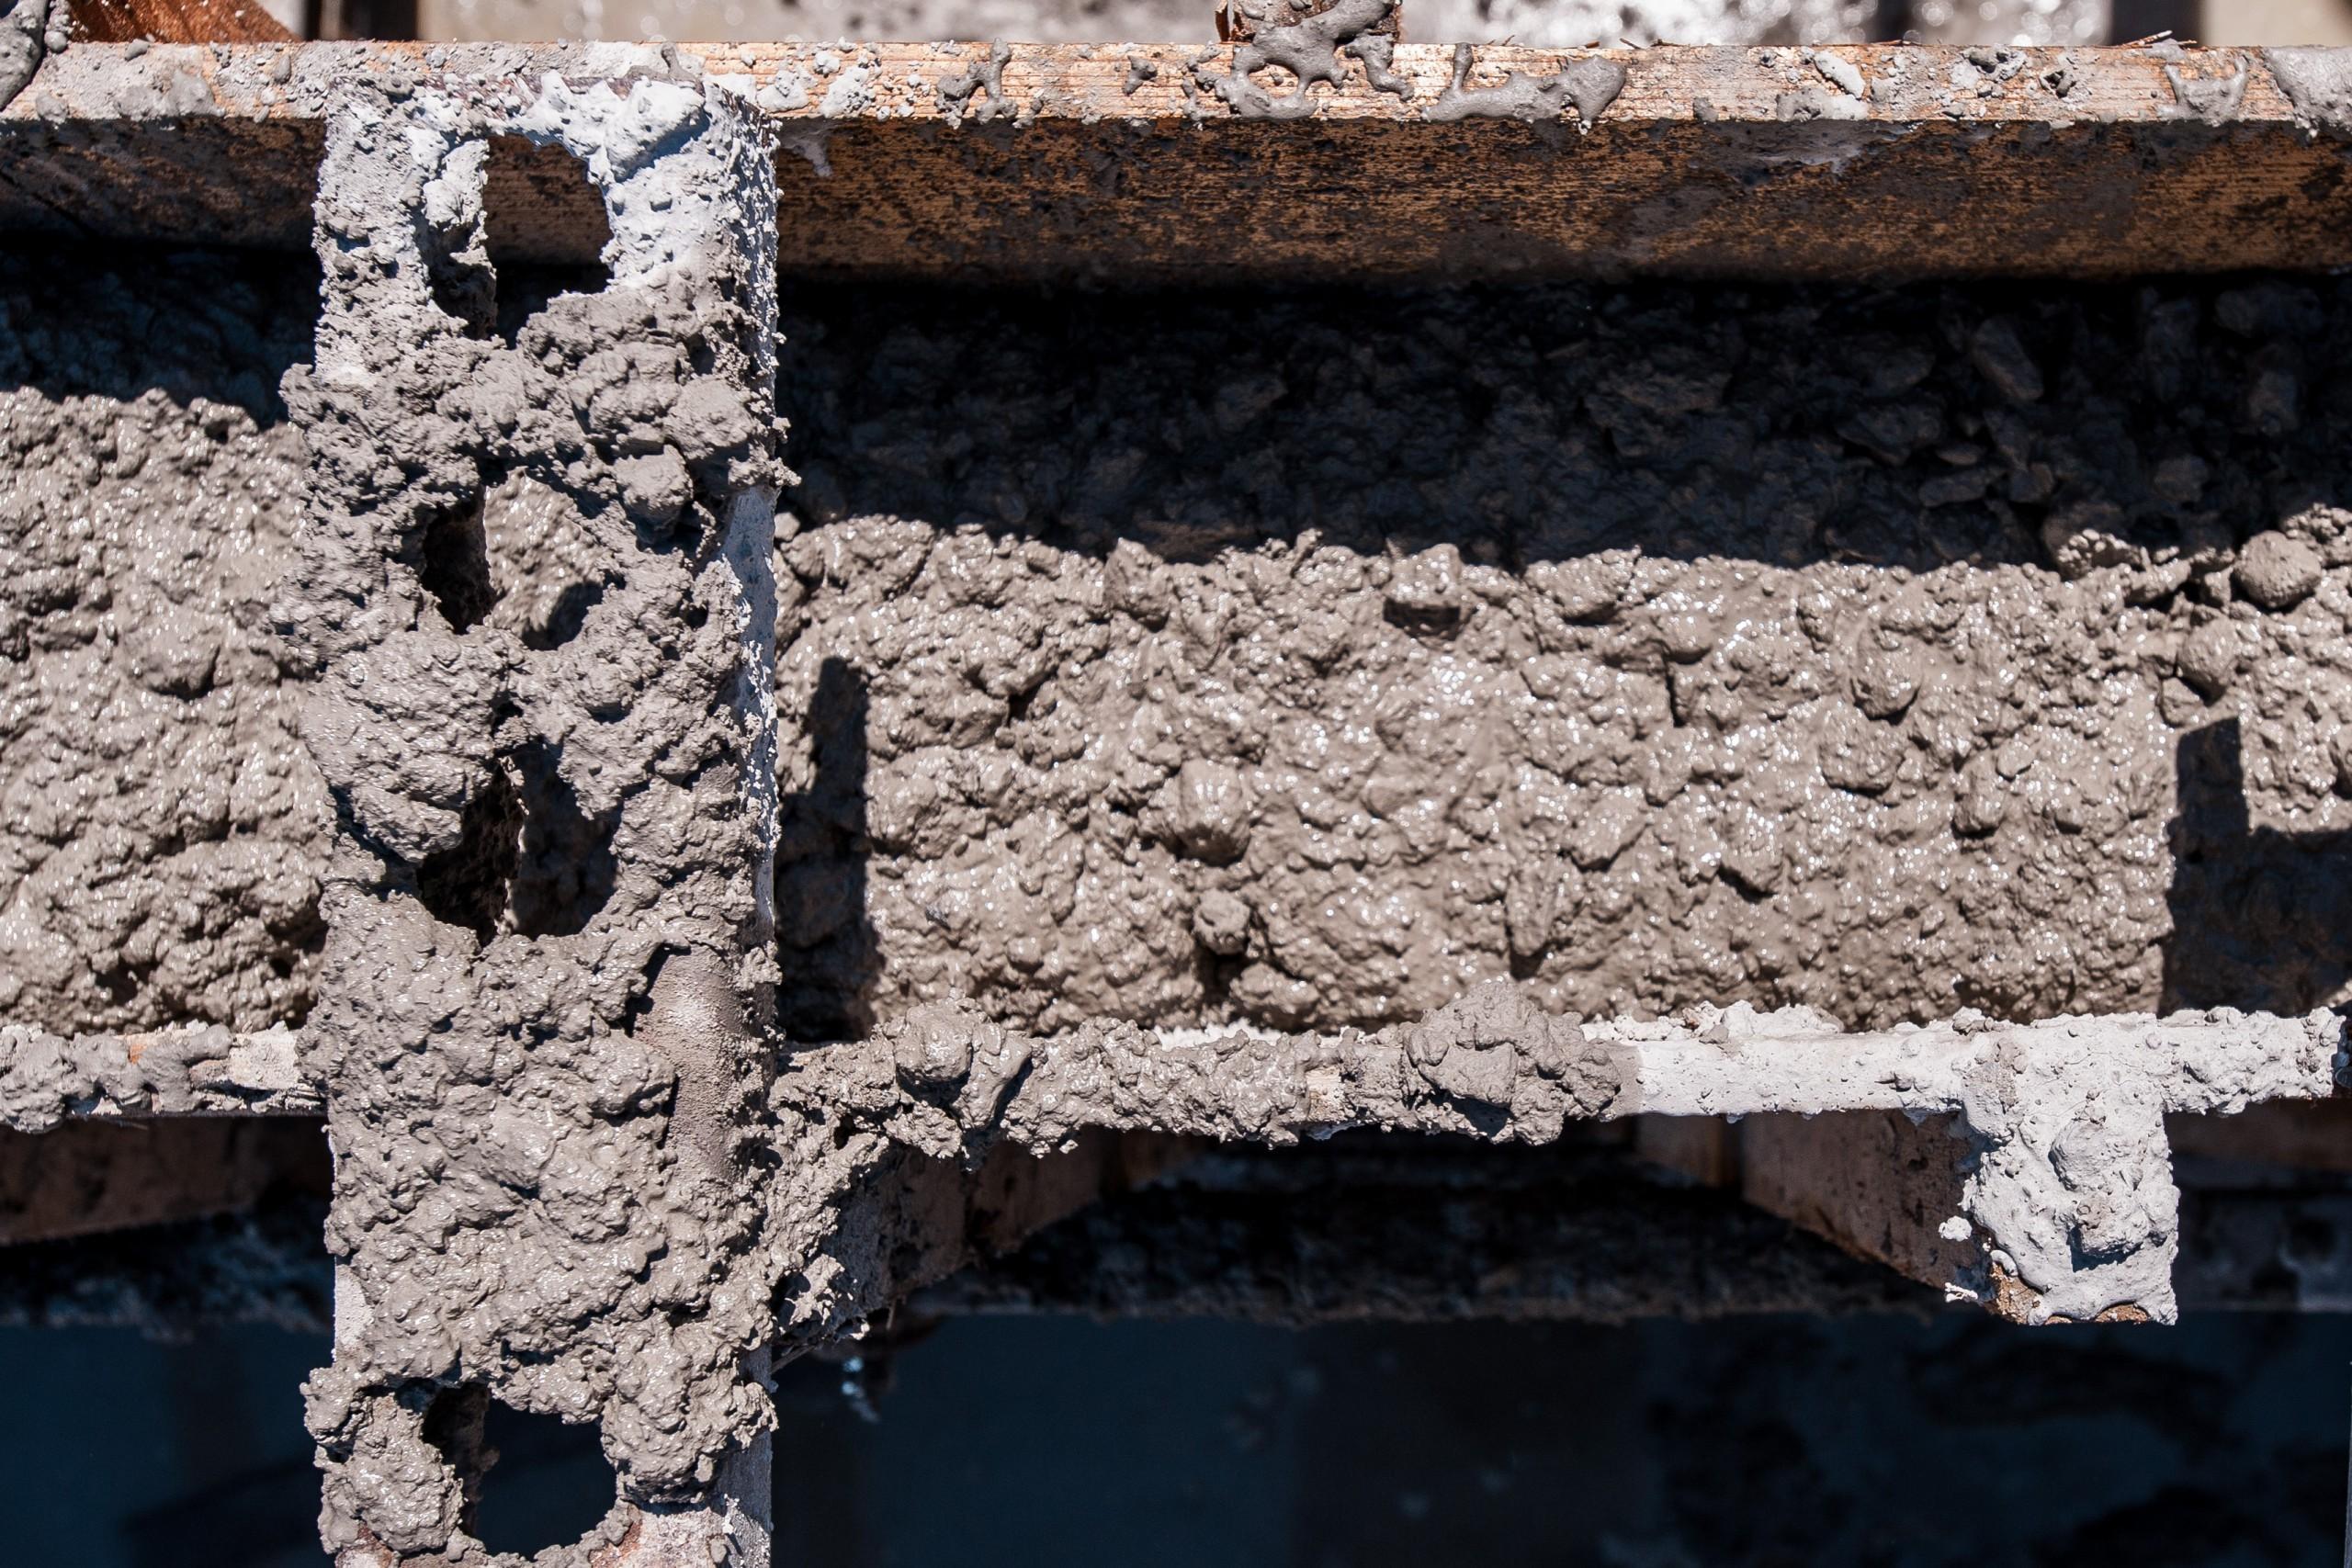 德築-DEZU-project-Zutian-architecture-real-estate-engineering-concrete-11